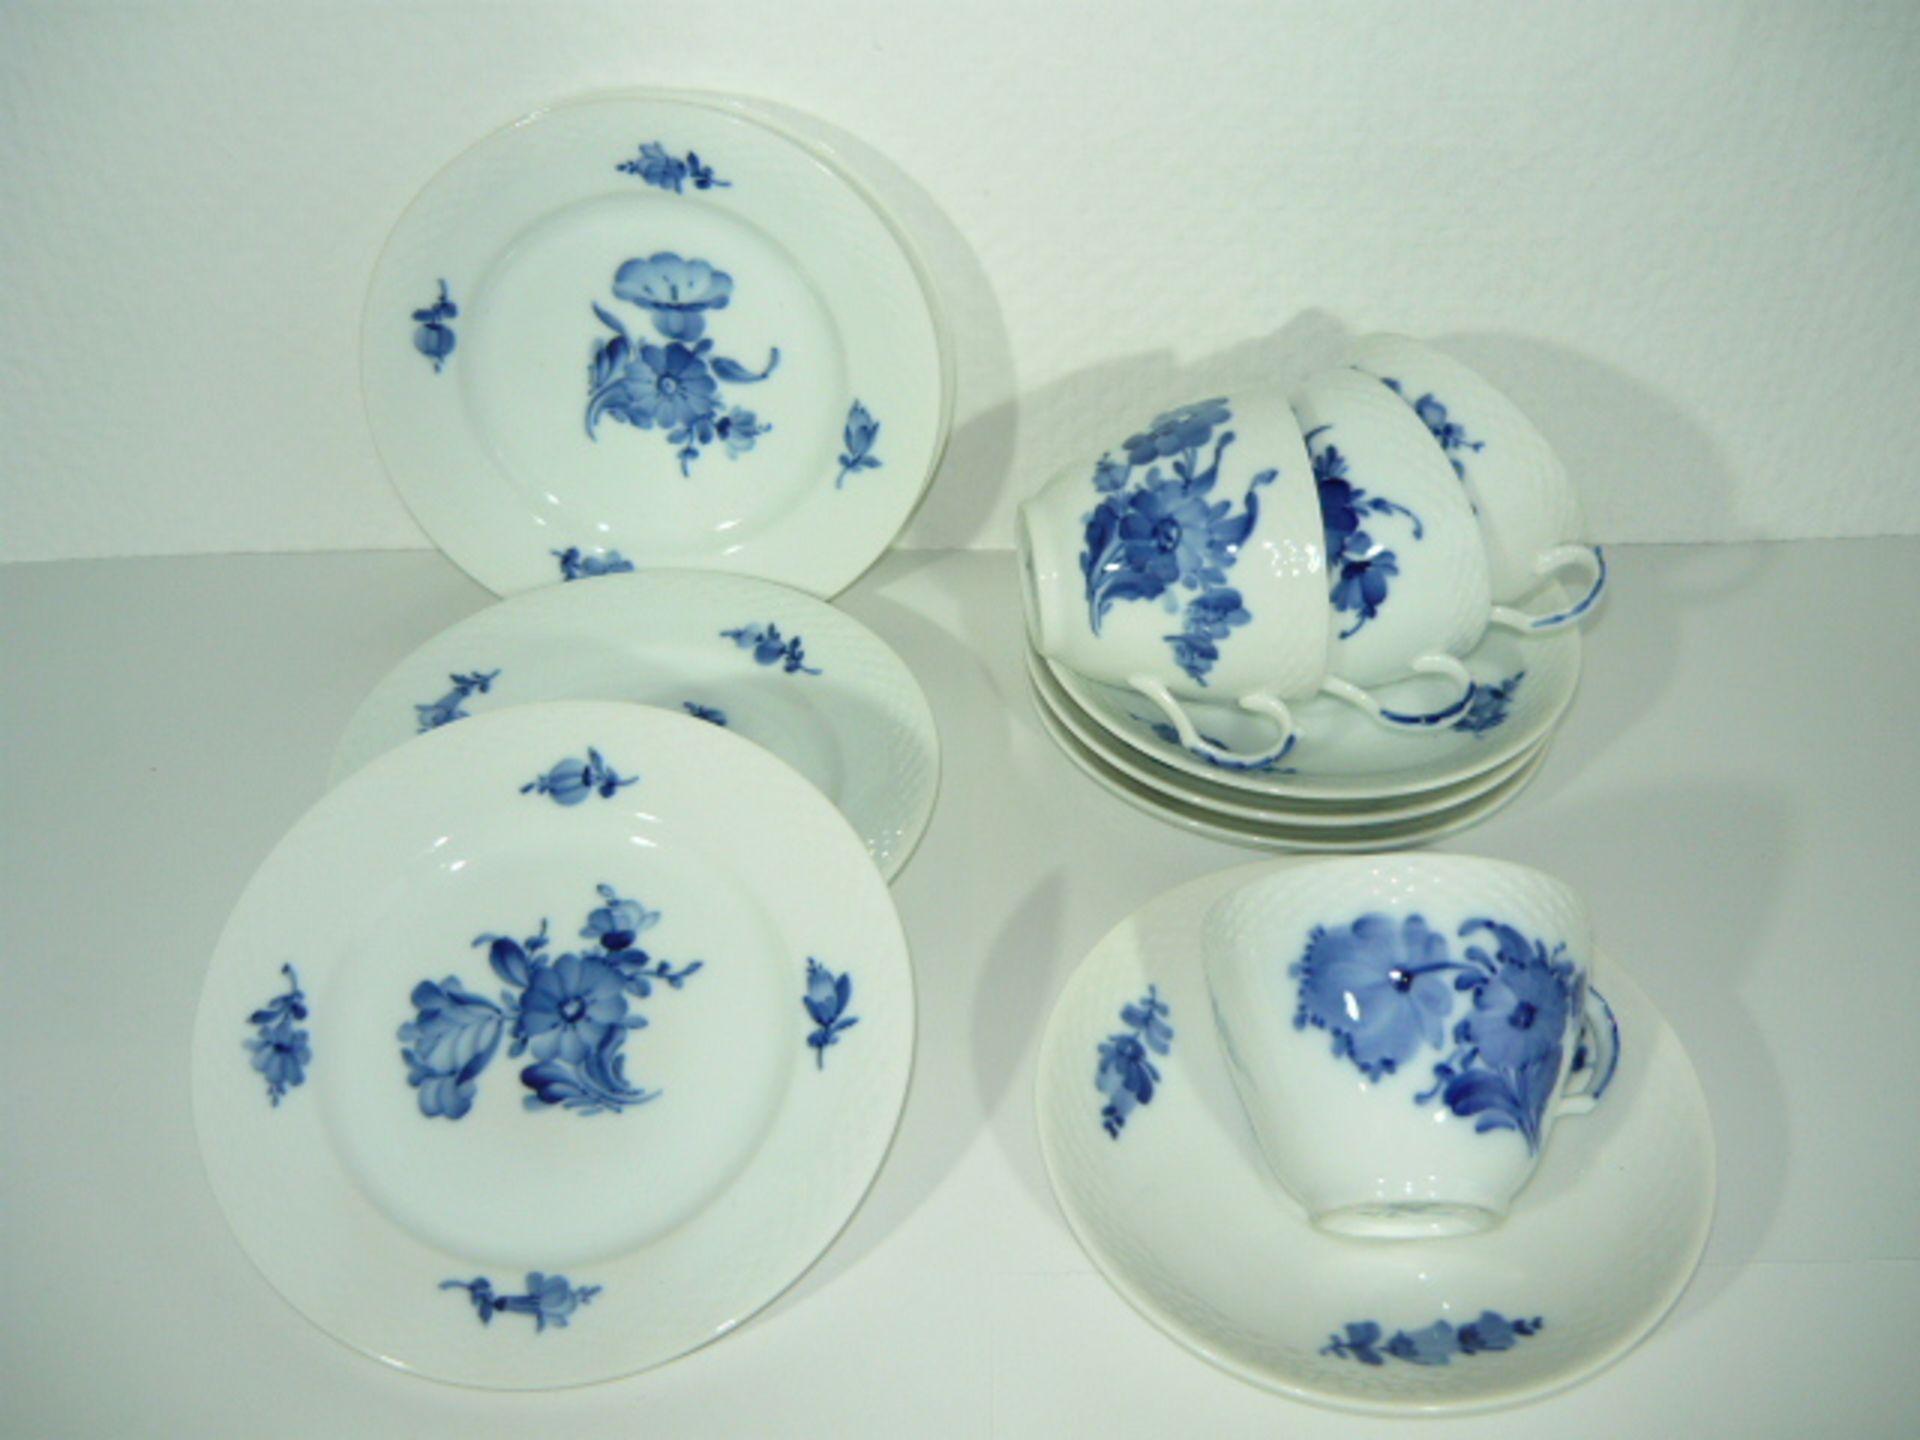 Royal Copenhagen. Blaue Blume. 4 Drewiteilige Kaffeegedecke No. 8261. KOSTENLOSER VERSAND